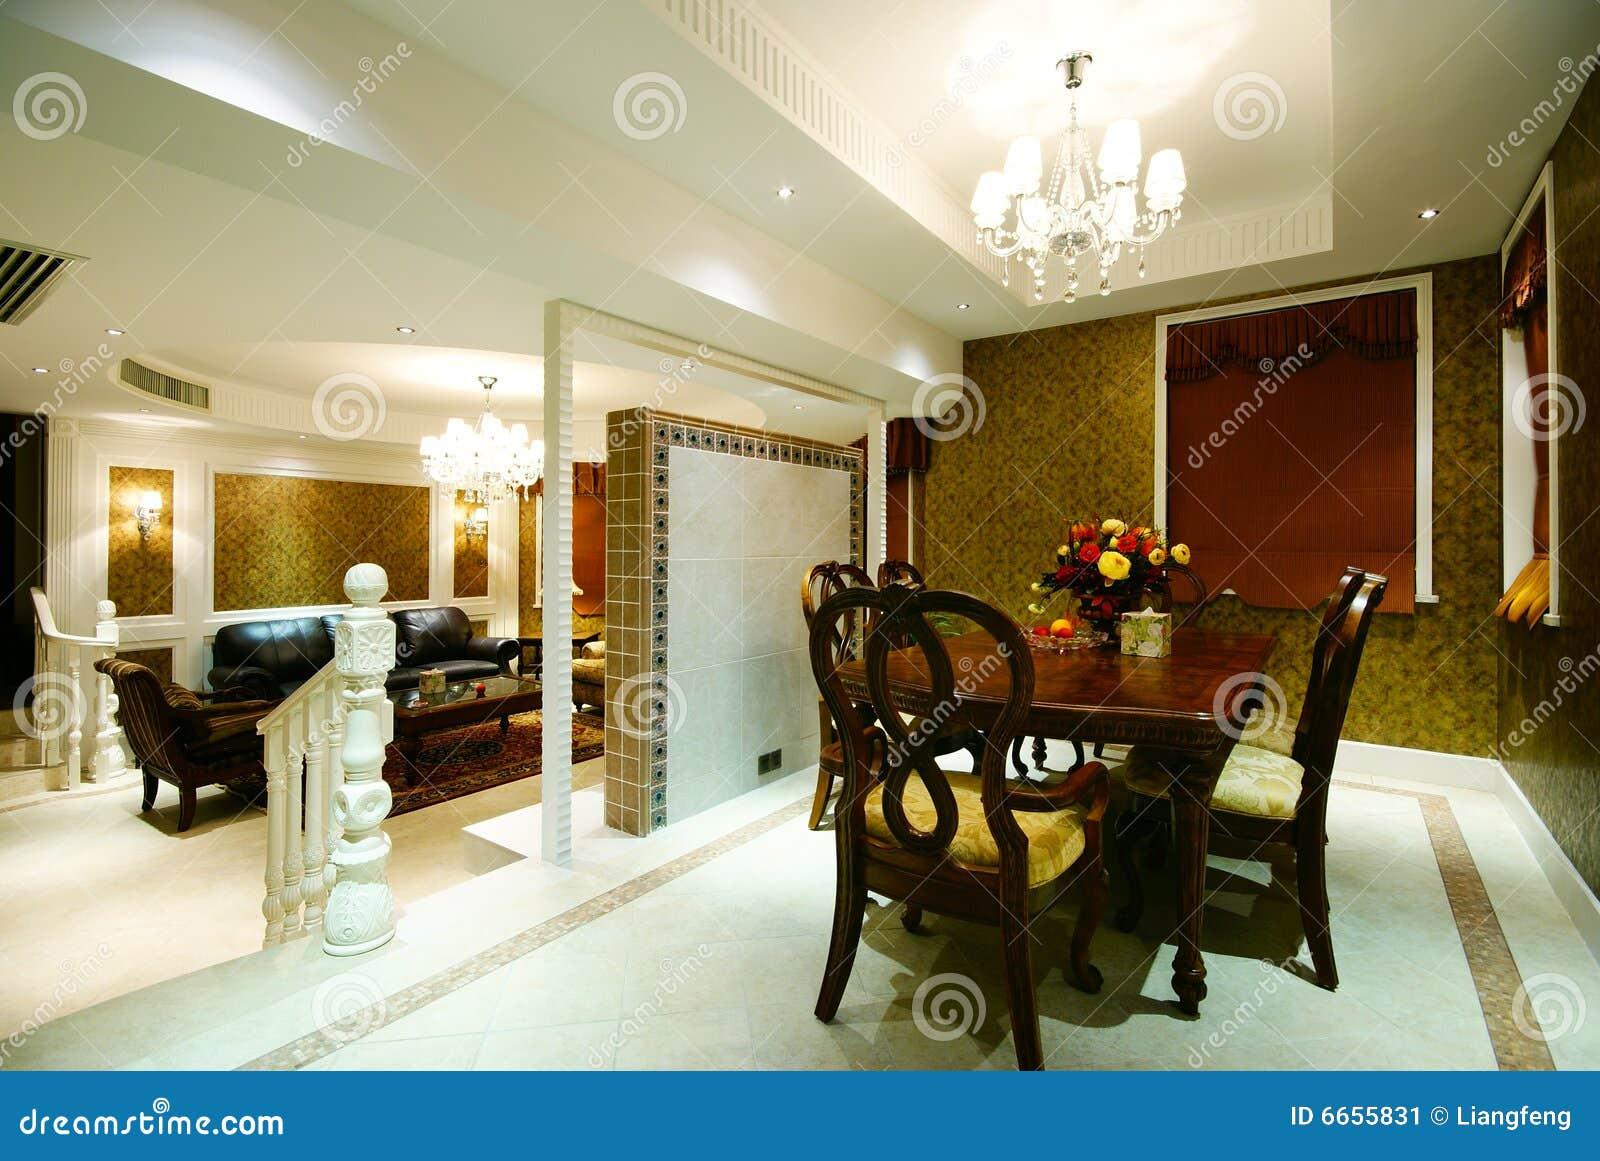 De decoratie van het huis stock afbeelding afbeelding 6655831 - Afbeelding van huisdecoratie ...